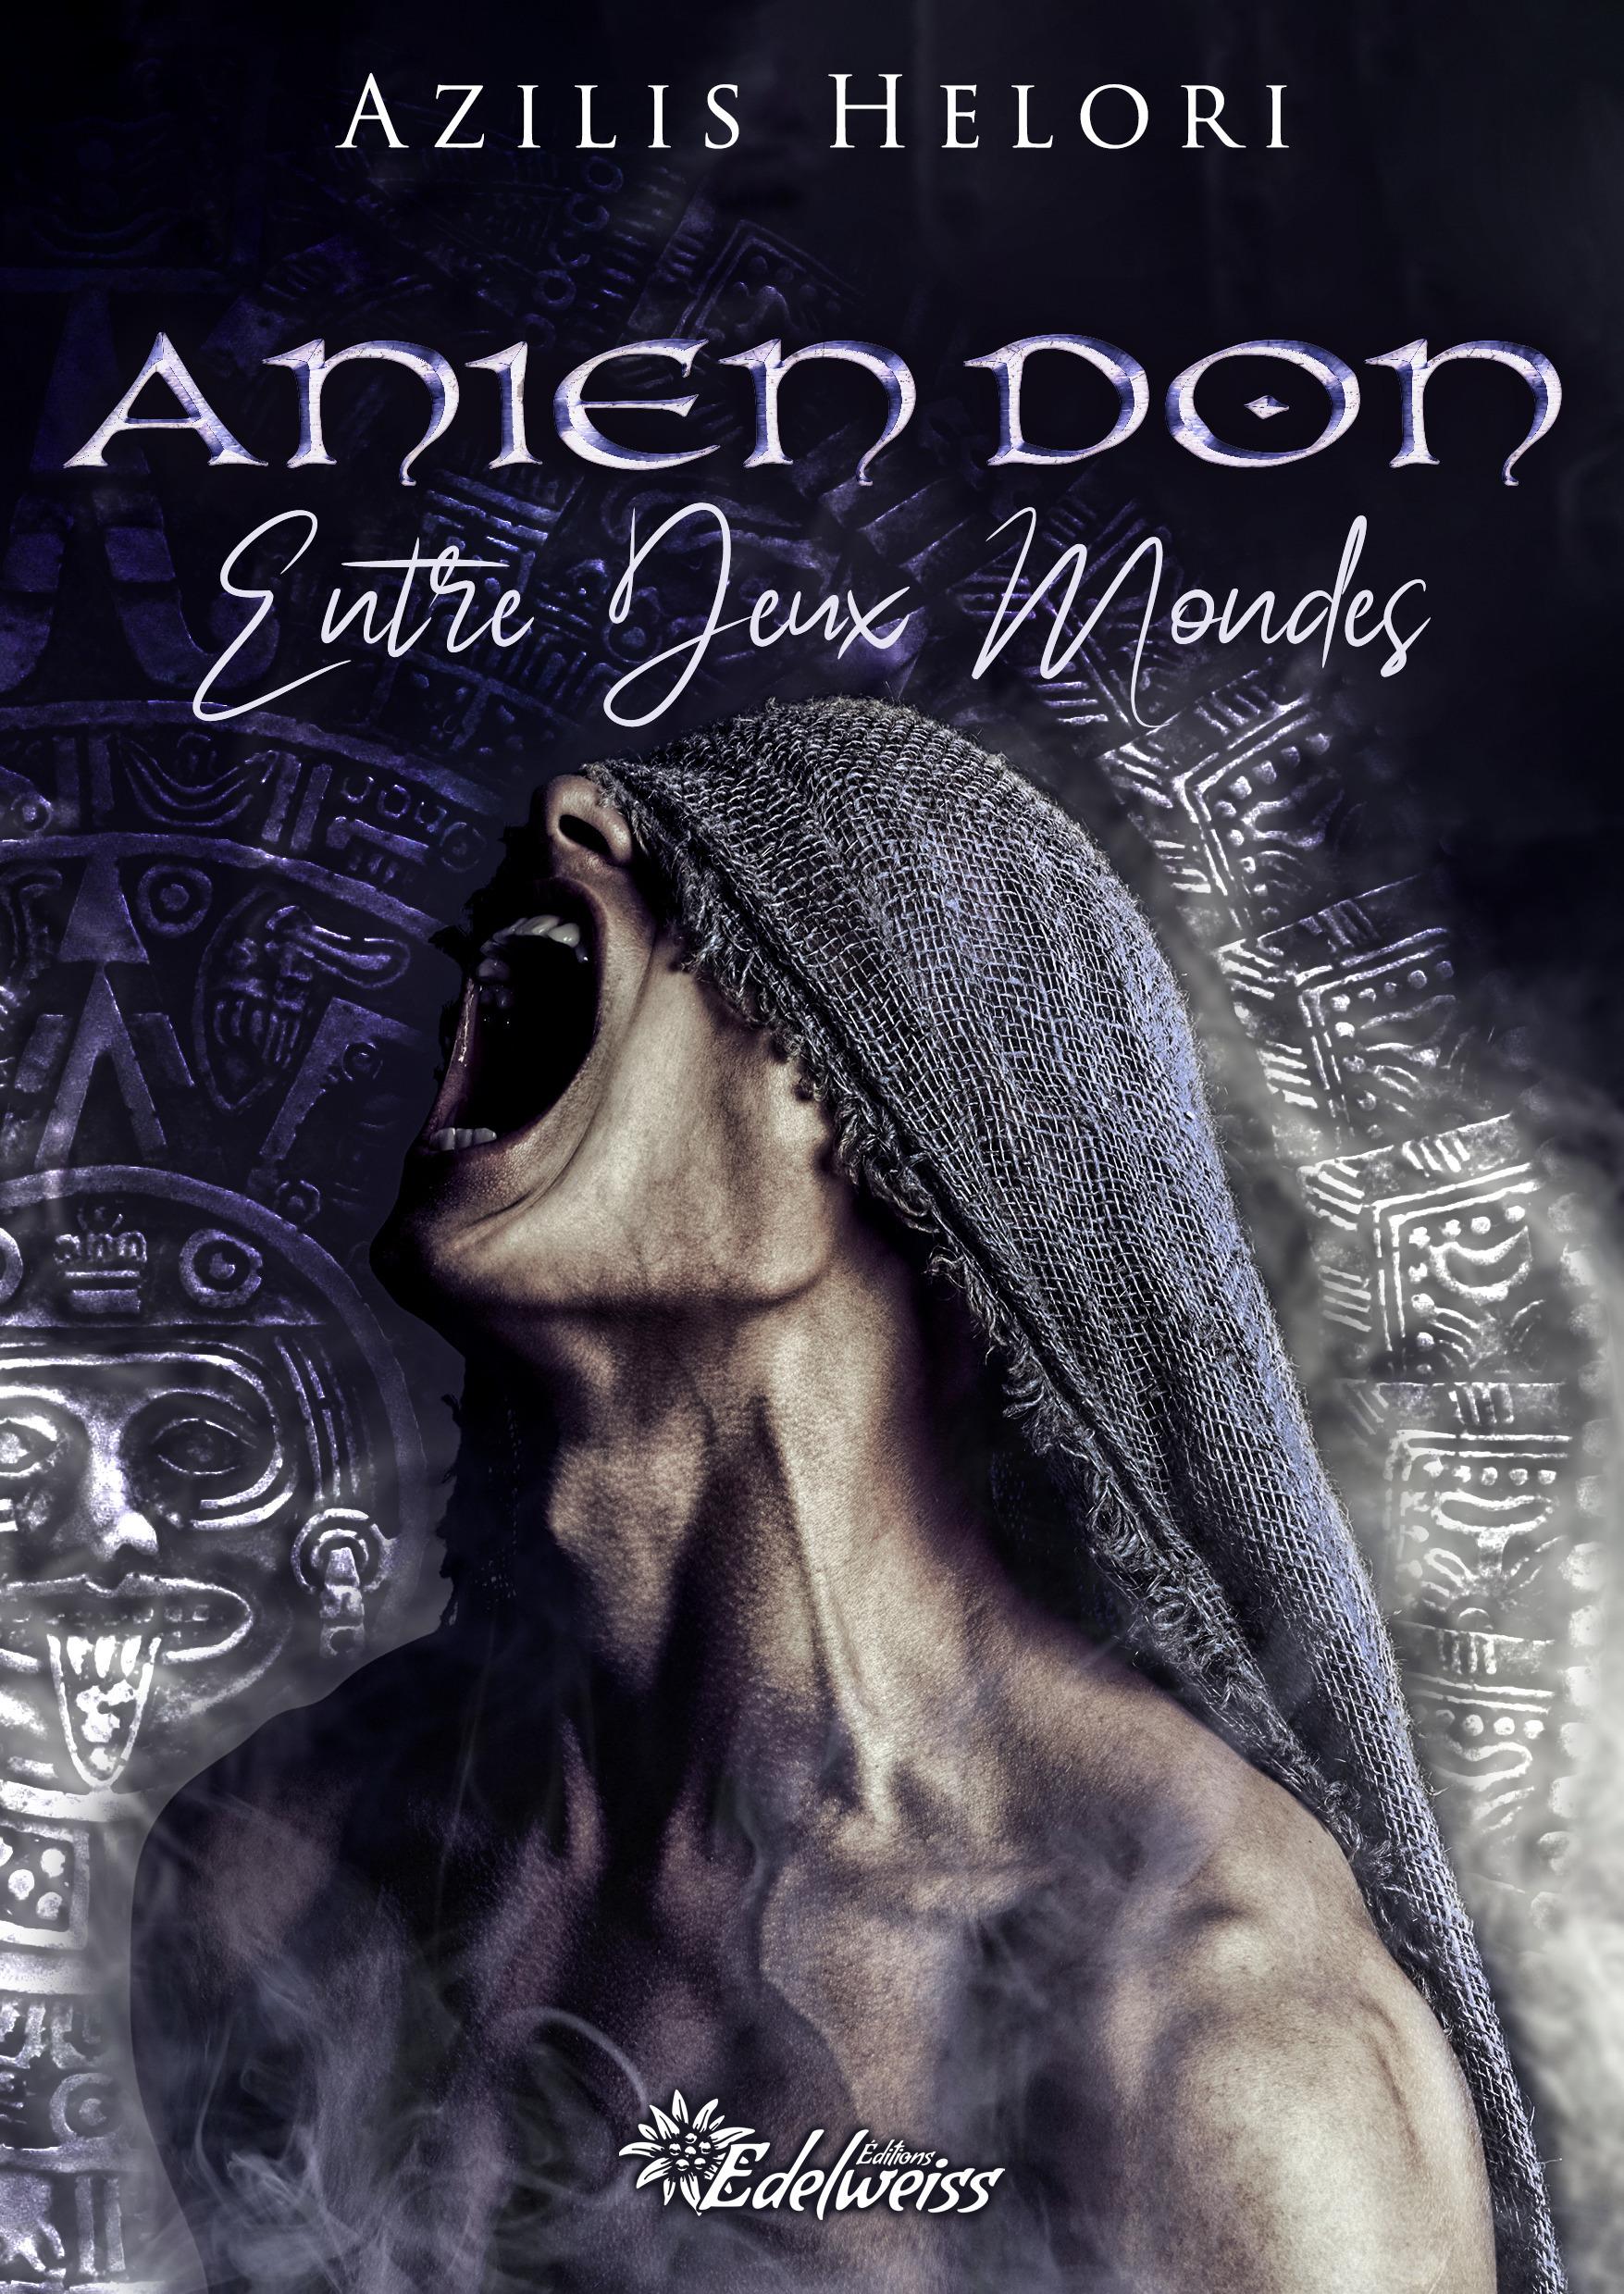 Anien Don